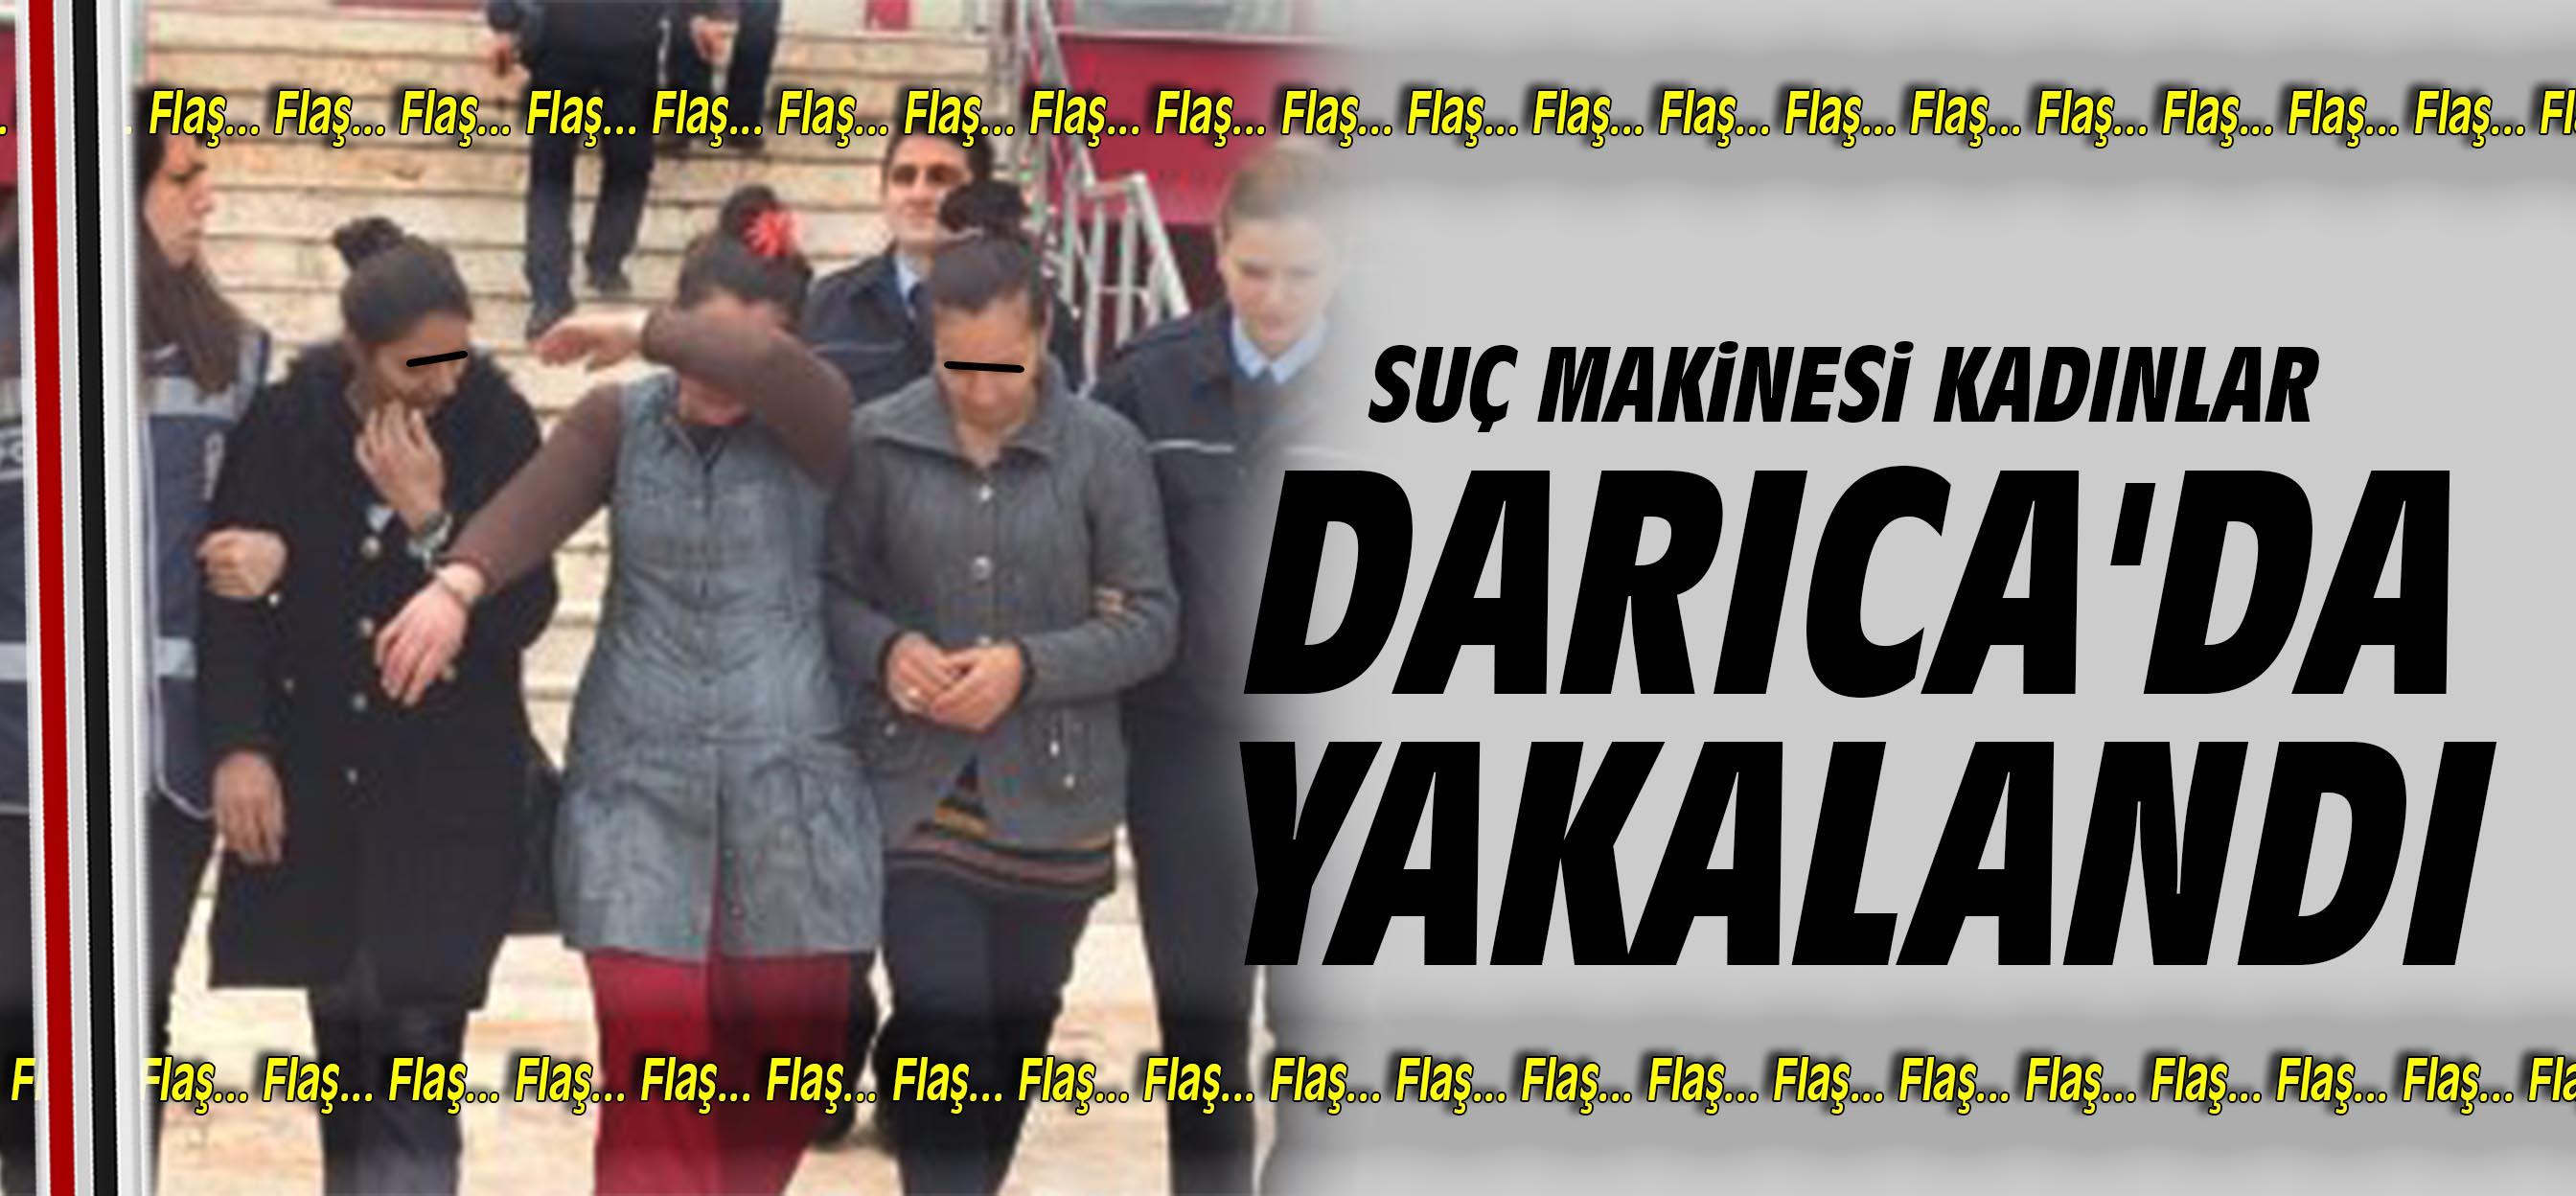 Suç makinesi kadınlar Darıca'da yakalandı